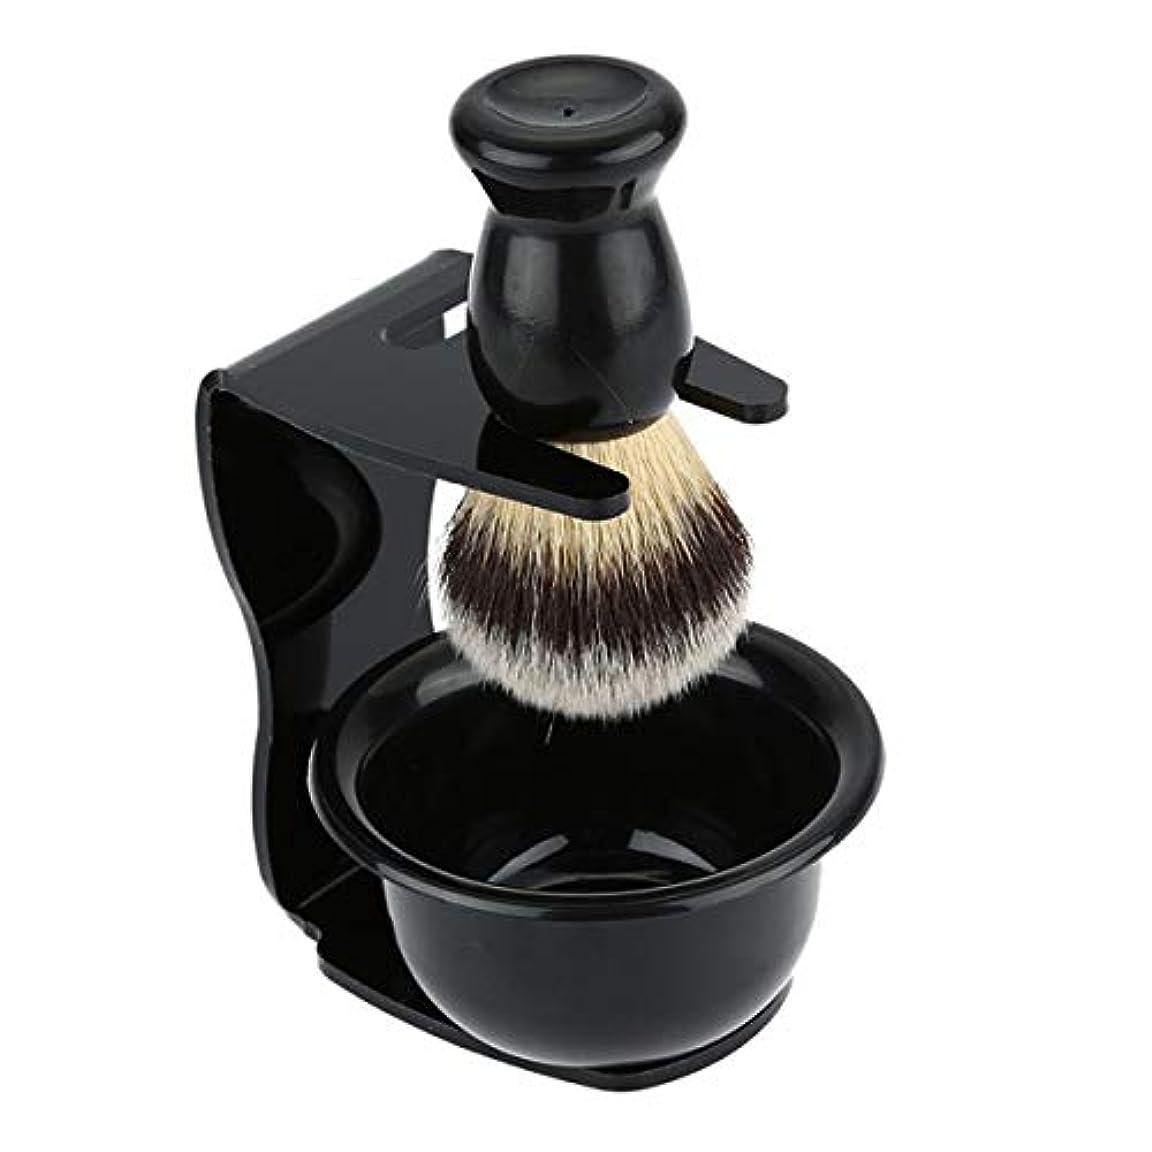 注目すべき事業エラーOUNONA ナイロンシェービングカミソリブラシアクリルスタンドと洗面化粧石鹸ボウルセット